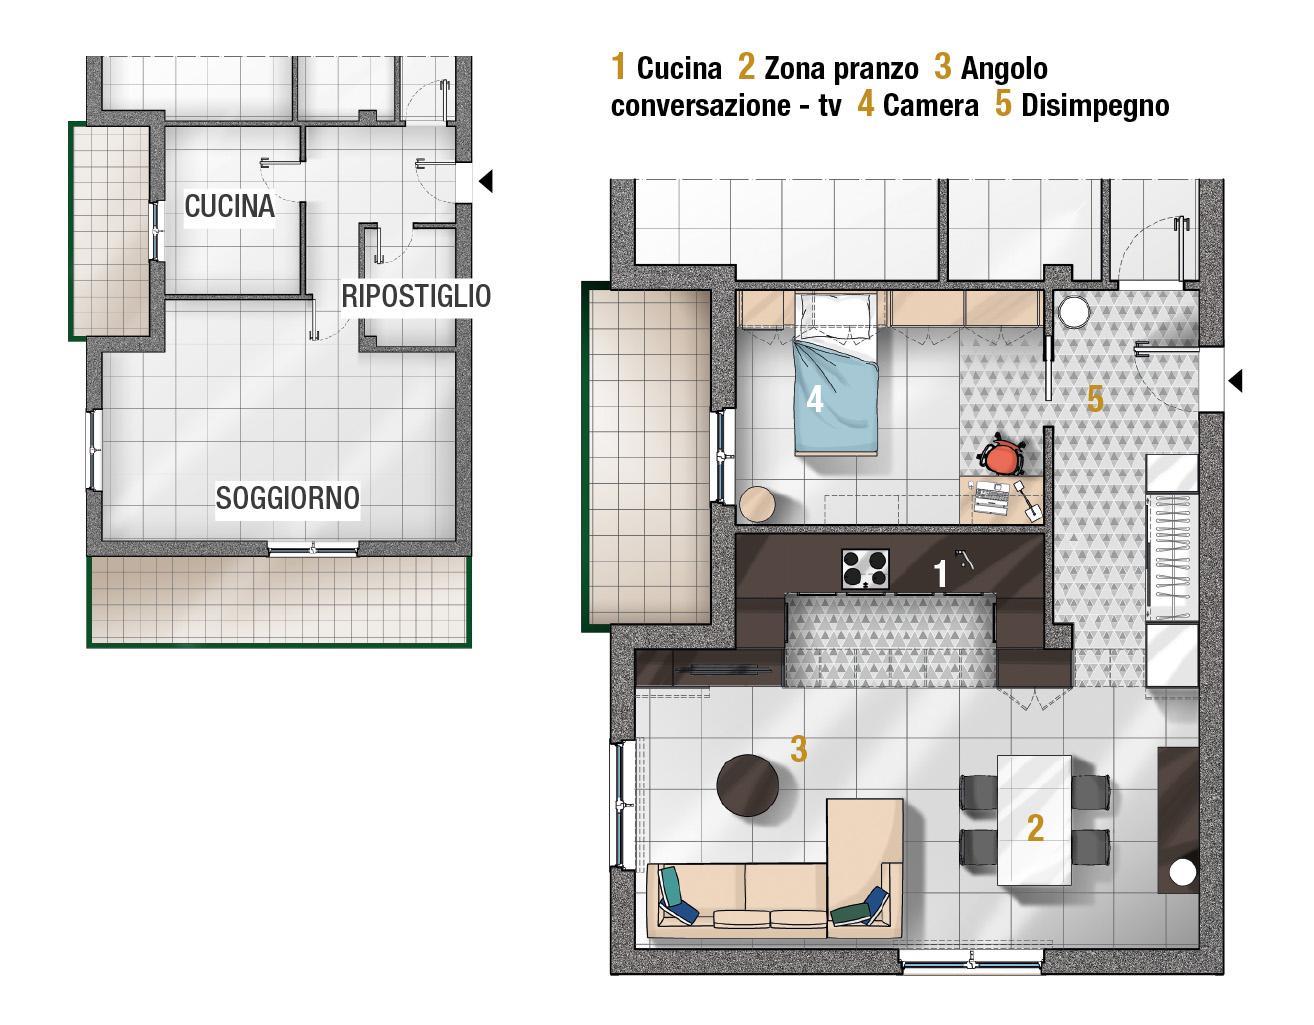 Basta un gesto per ridurre o ampliare gli spazi. Progetti 3 Modi Di Vivere La Cucina Open Space Parzialmente Aperta Separata Cose Di Casa